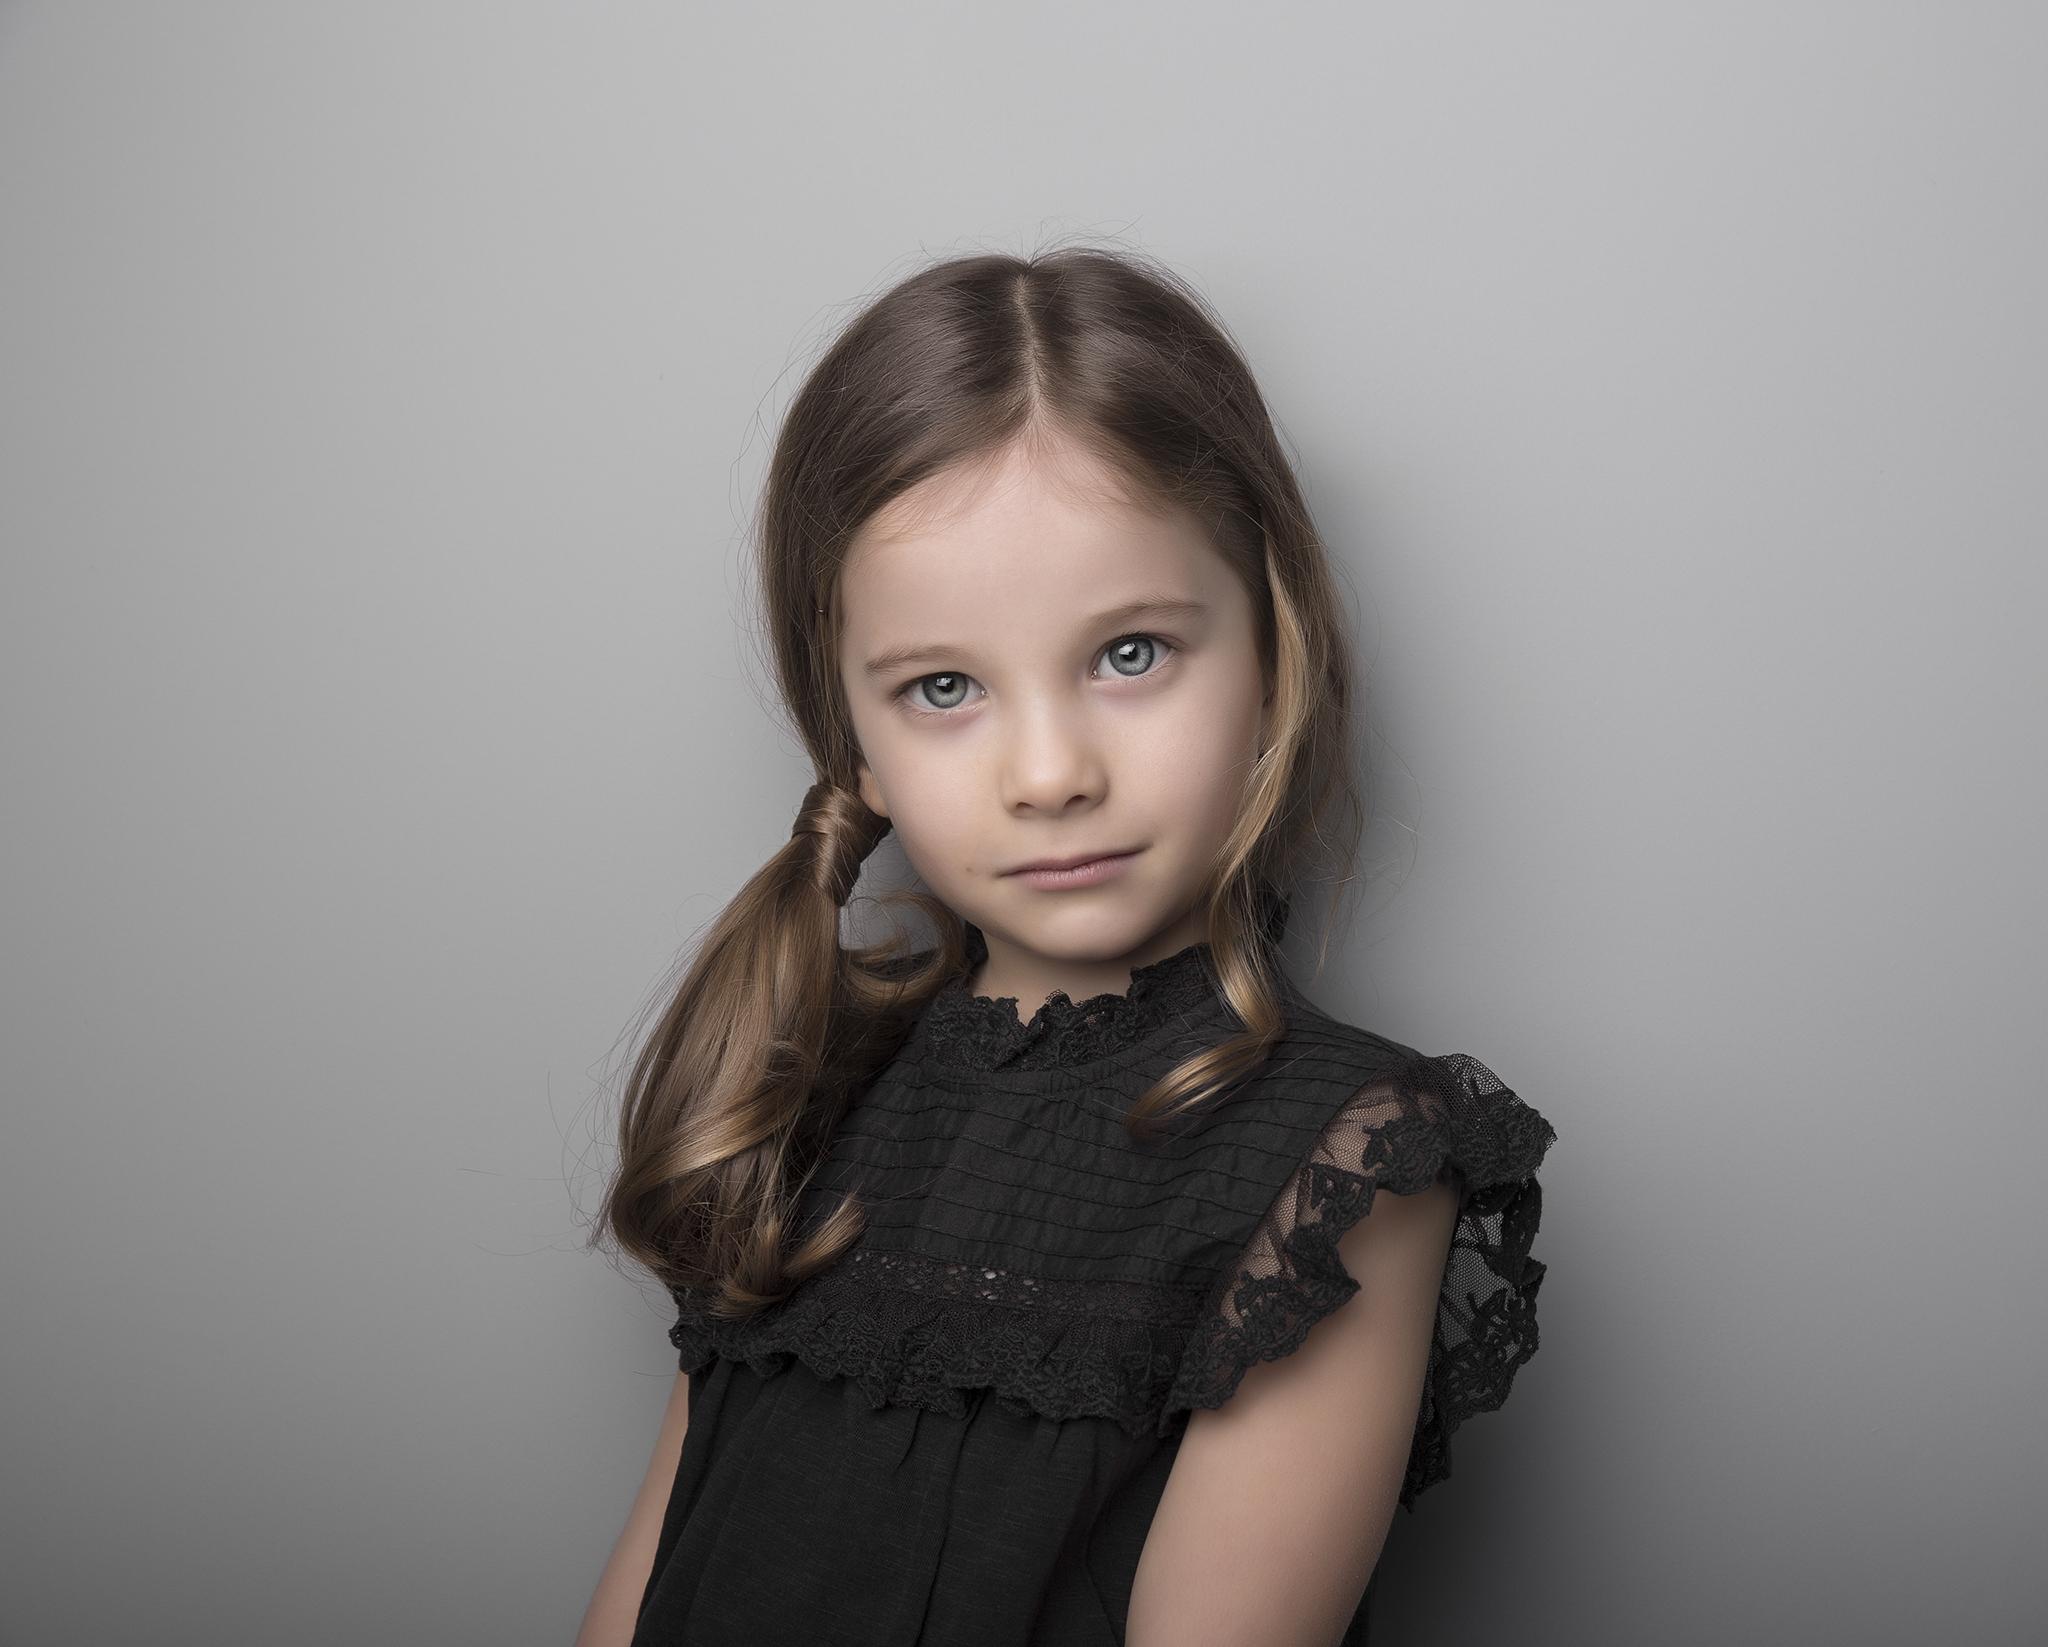 elizabethgphotography_childrens_fineart_kingslangley_hertfordshire_model_actor_updates_florrence_kids_london_3a.jpg